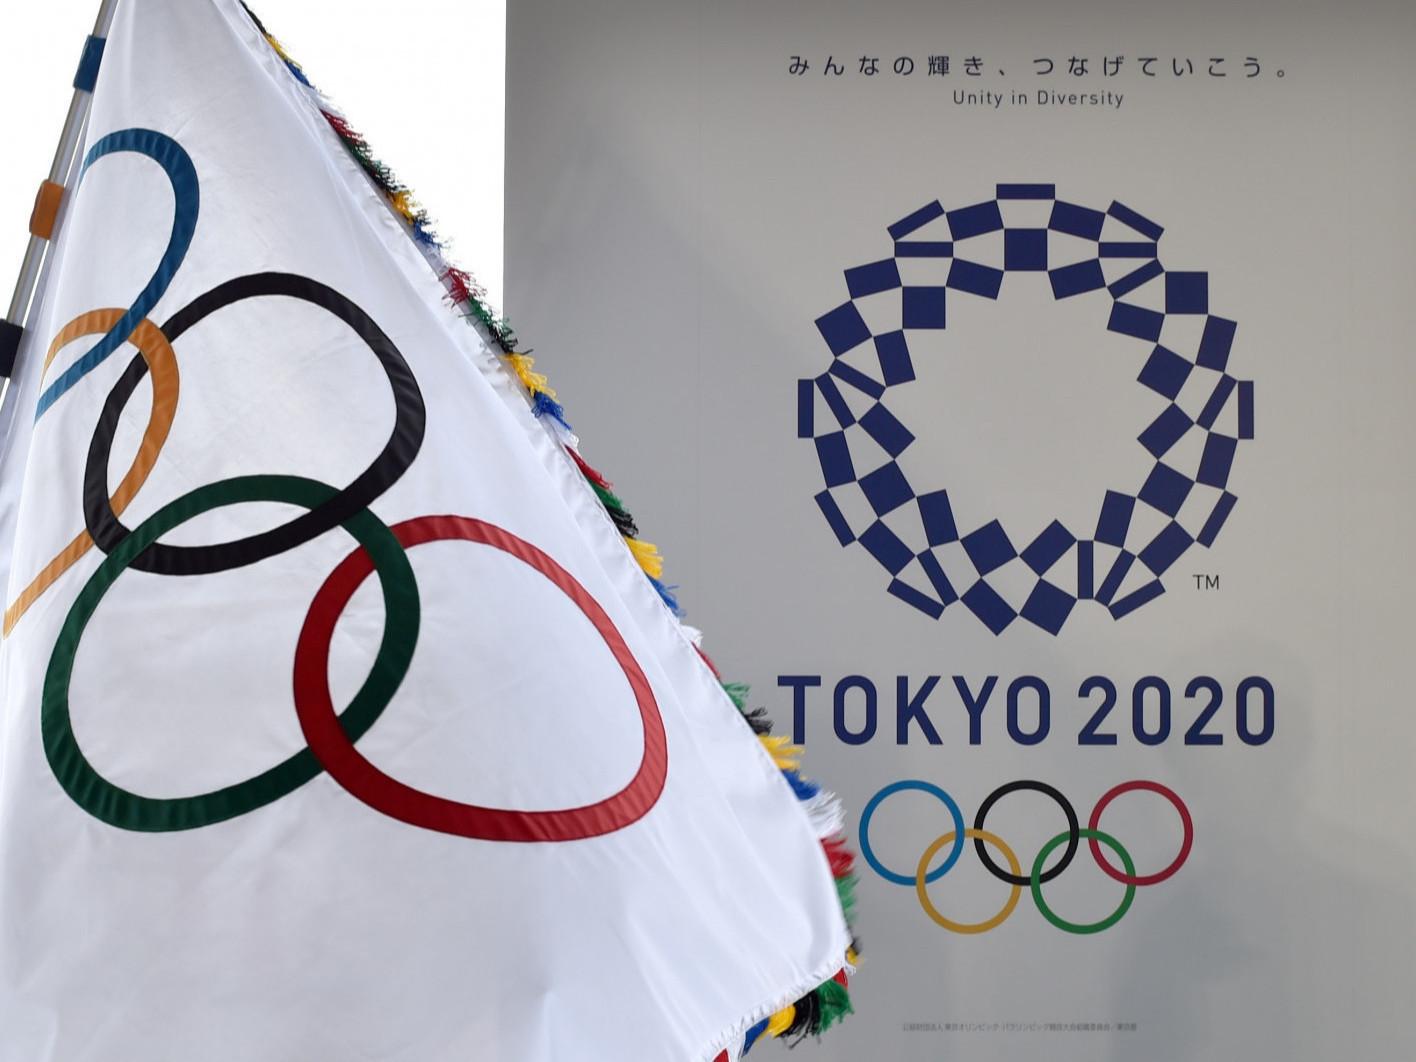 МЭДЭГДЭЛ: Олимпын наадмын лого, бэлэг тэмдгийг арилжааны зорилгоор ашиглах нь хууль бус